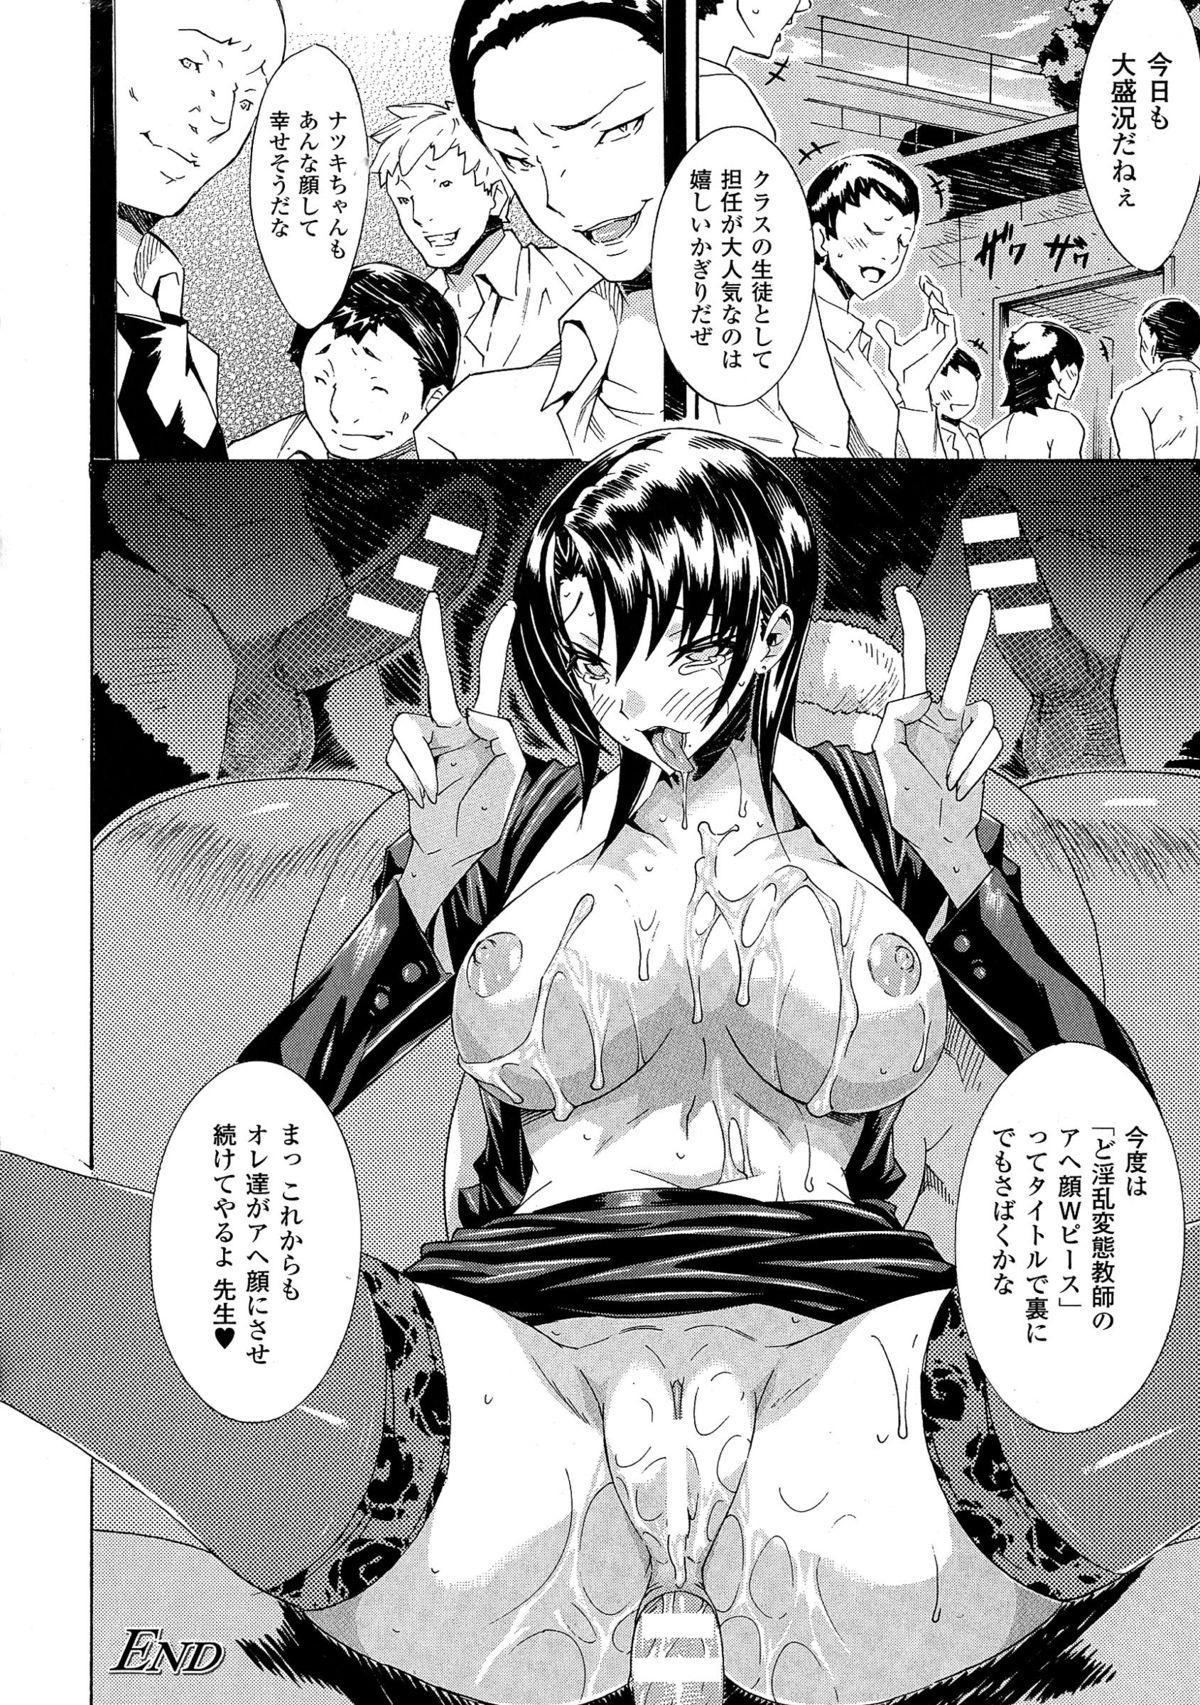 Kachiki na Onna ga Buzama na Ahegao o Sarasu made 81